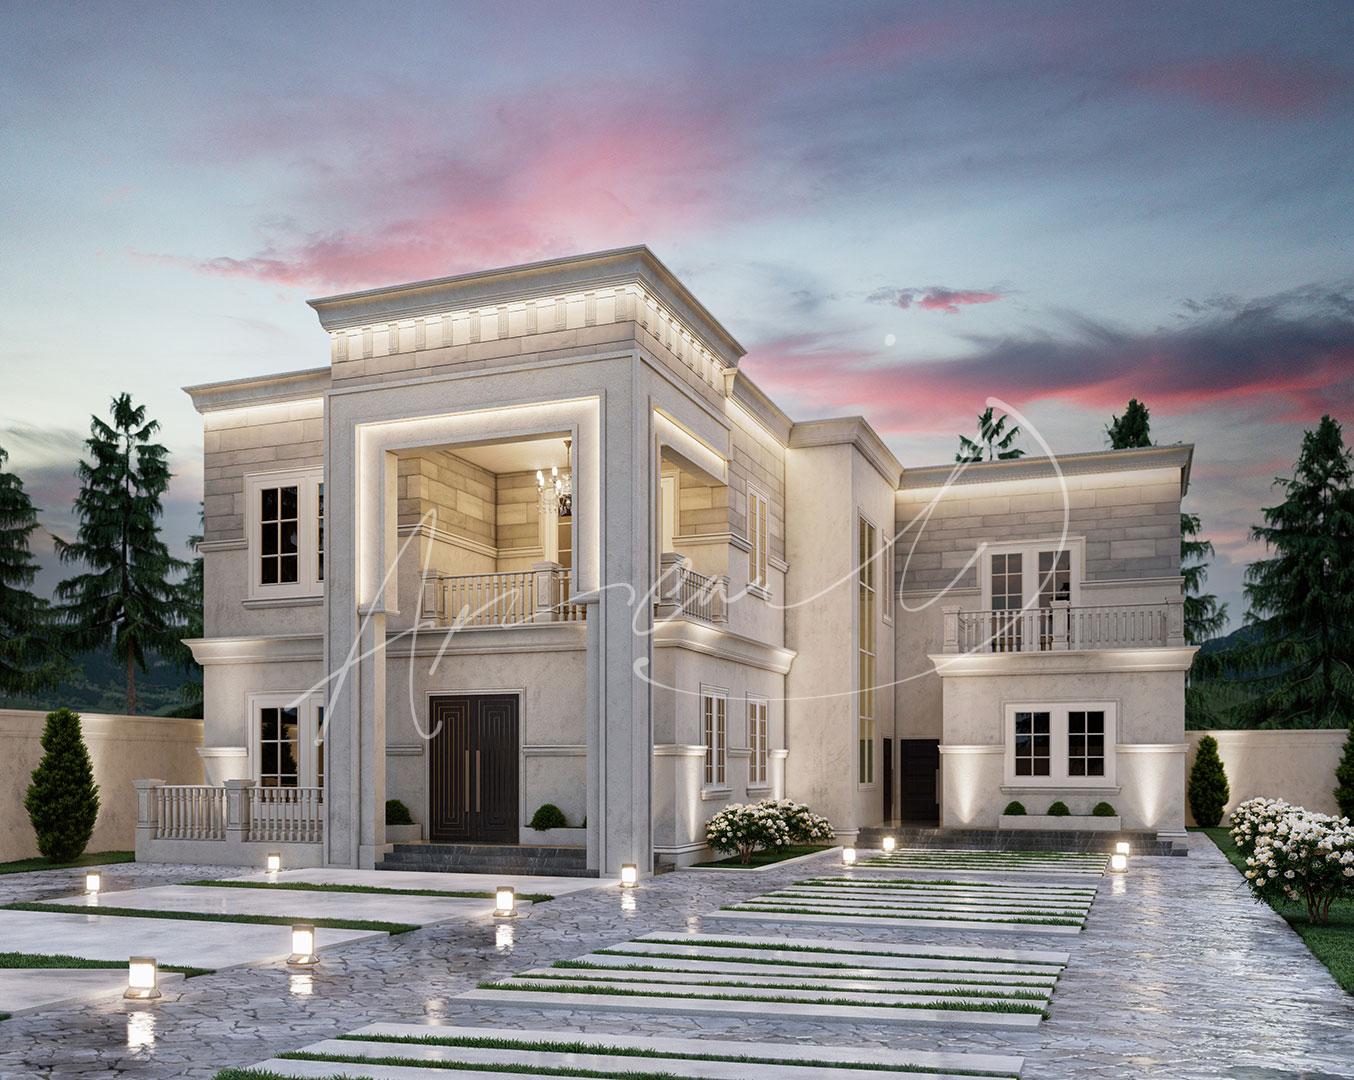 New Classic Villa Design - 053